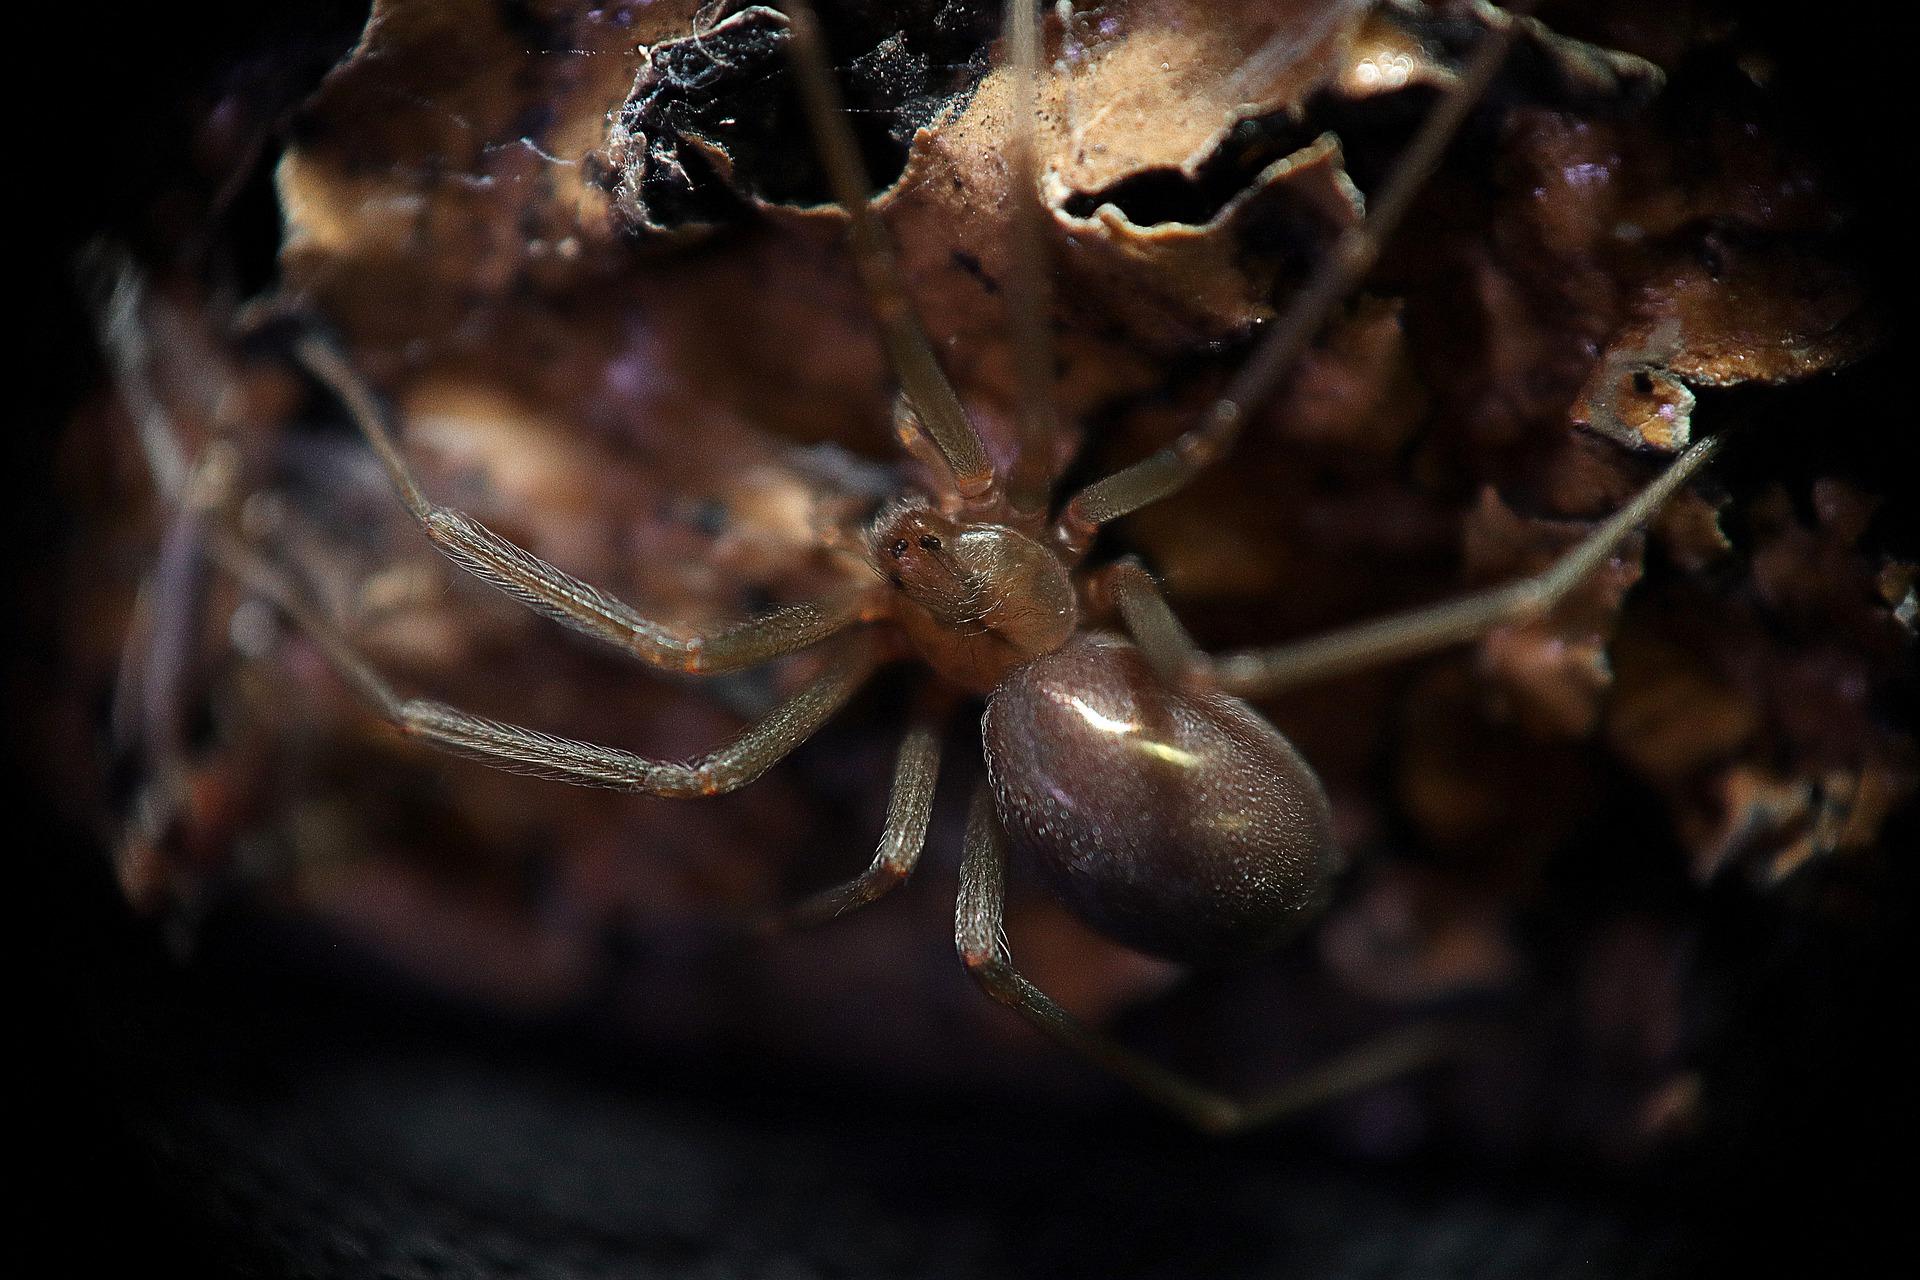 picadura de araña, araña de los rincones